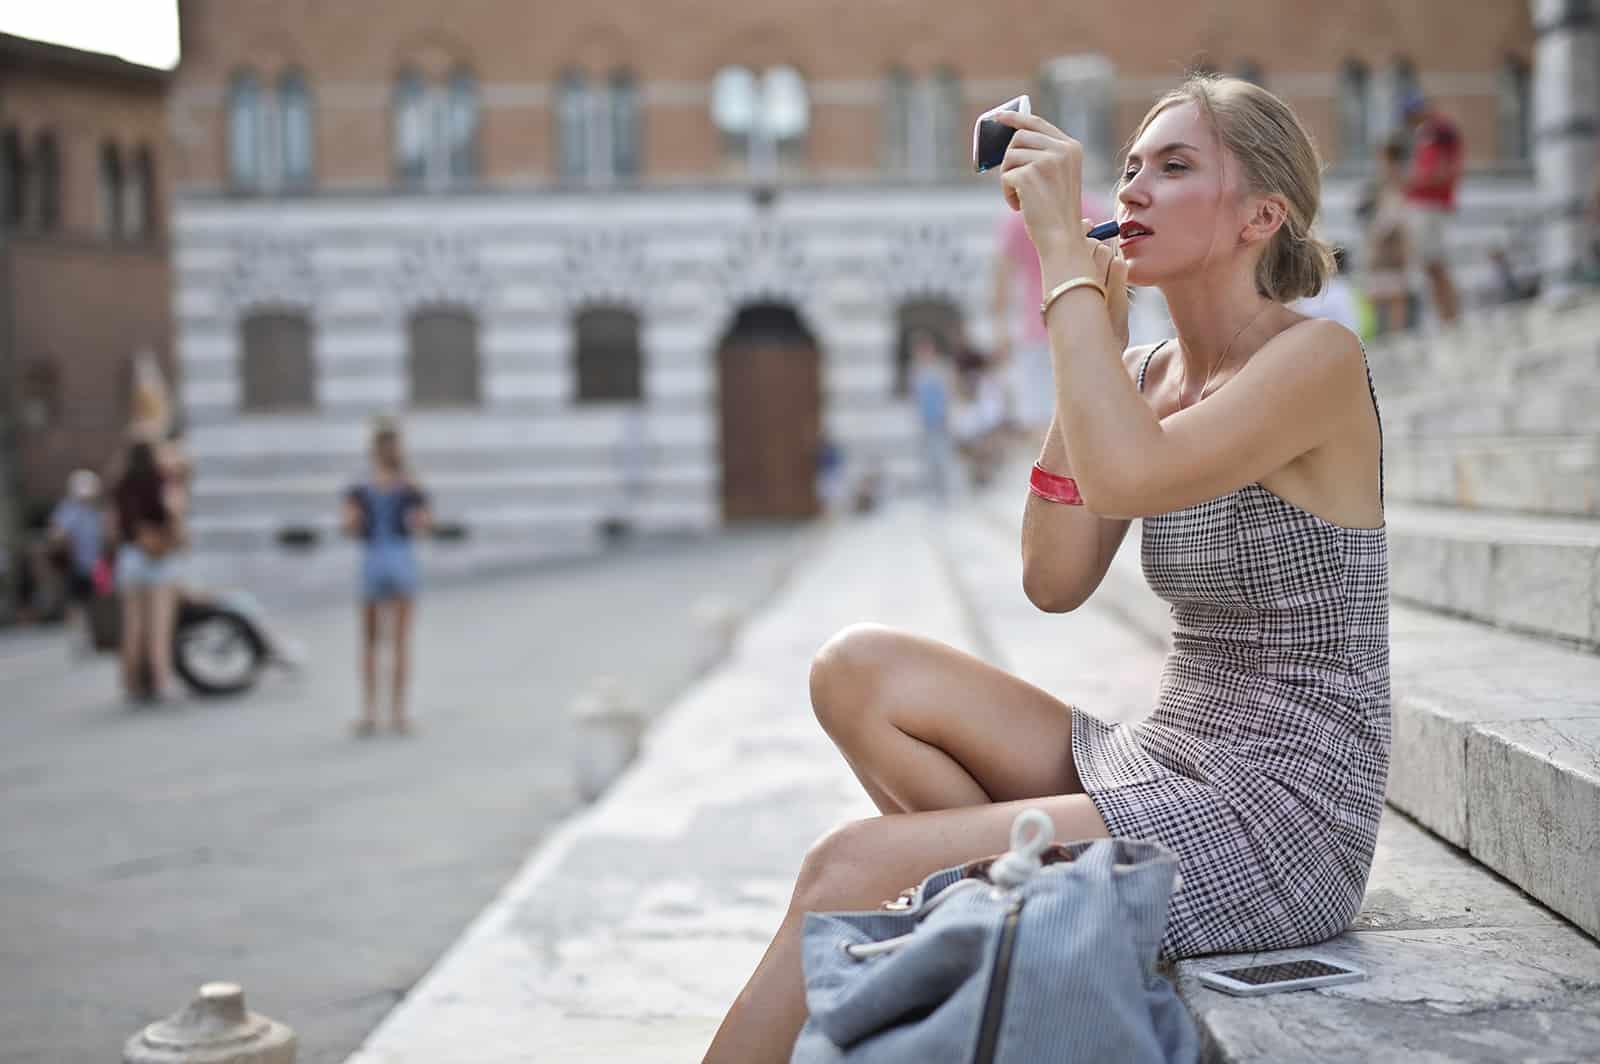 eine Frau, die einen Lippenstift aufträgt, während sie auf der Treppe in der Stadt sitzt